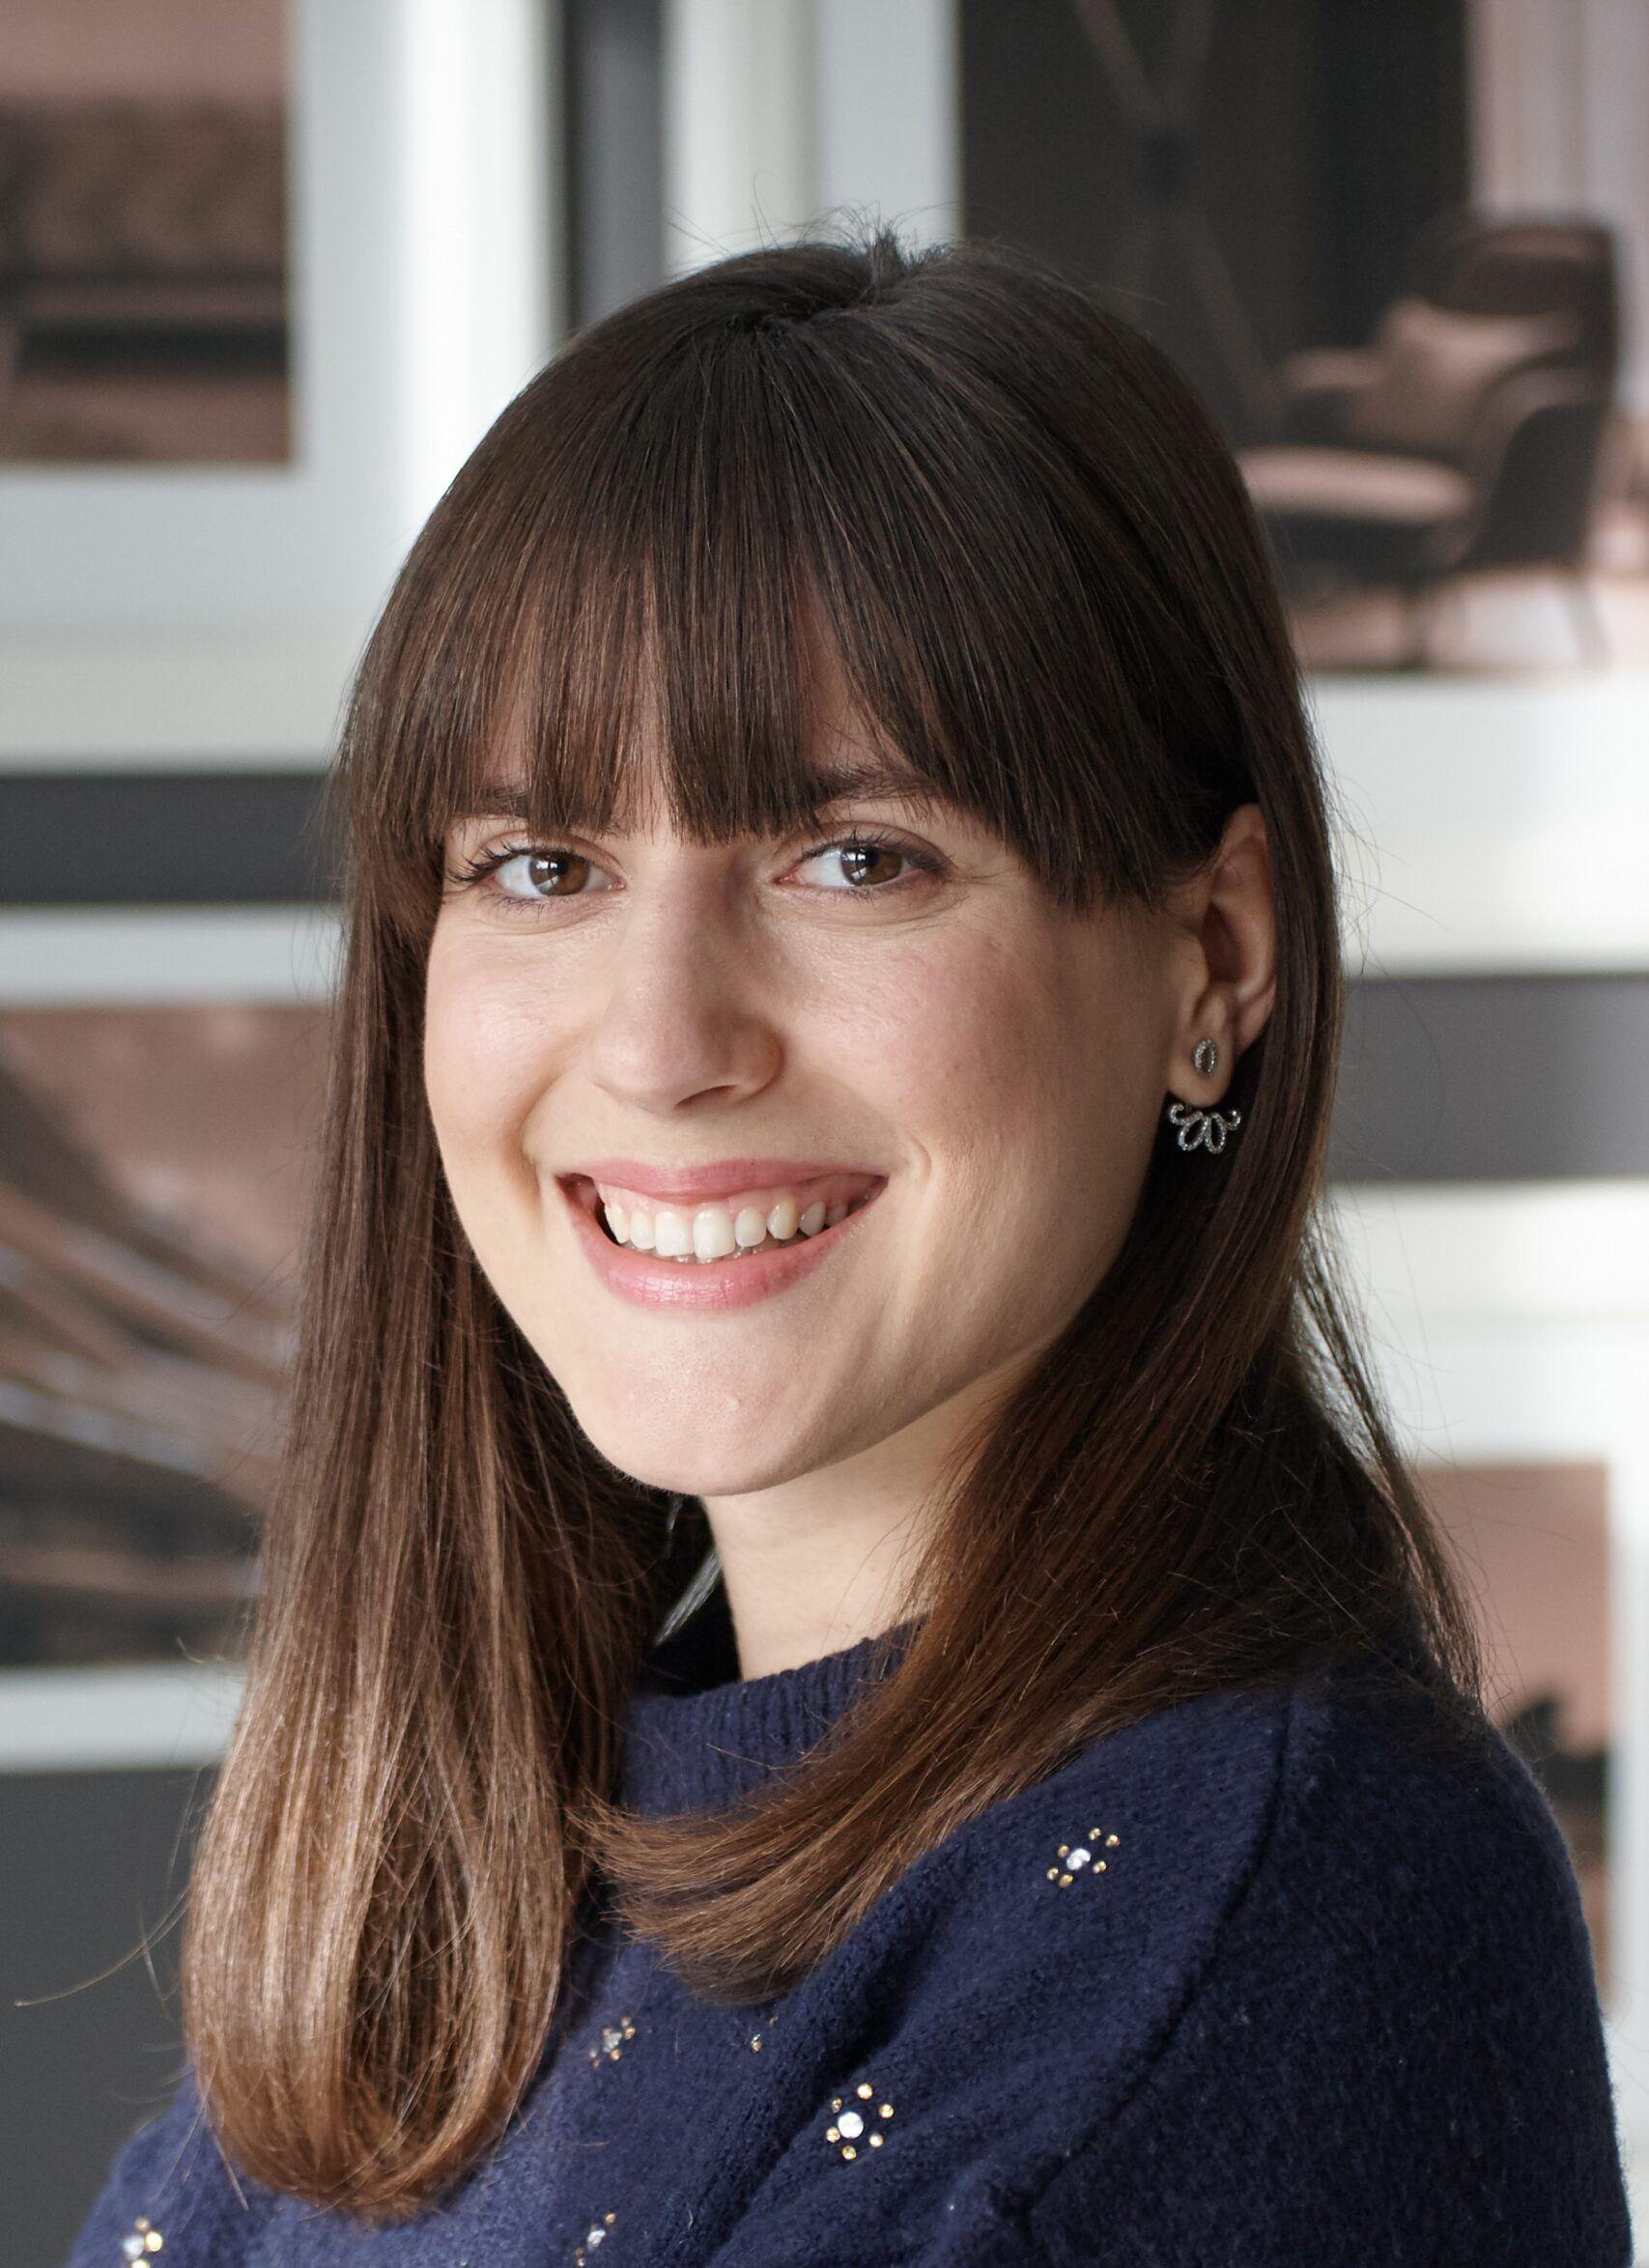 Neva Baričić: U arhitekturi sam našla spoj umjetničkog i tehničkog, slobodnog i konkretnog